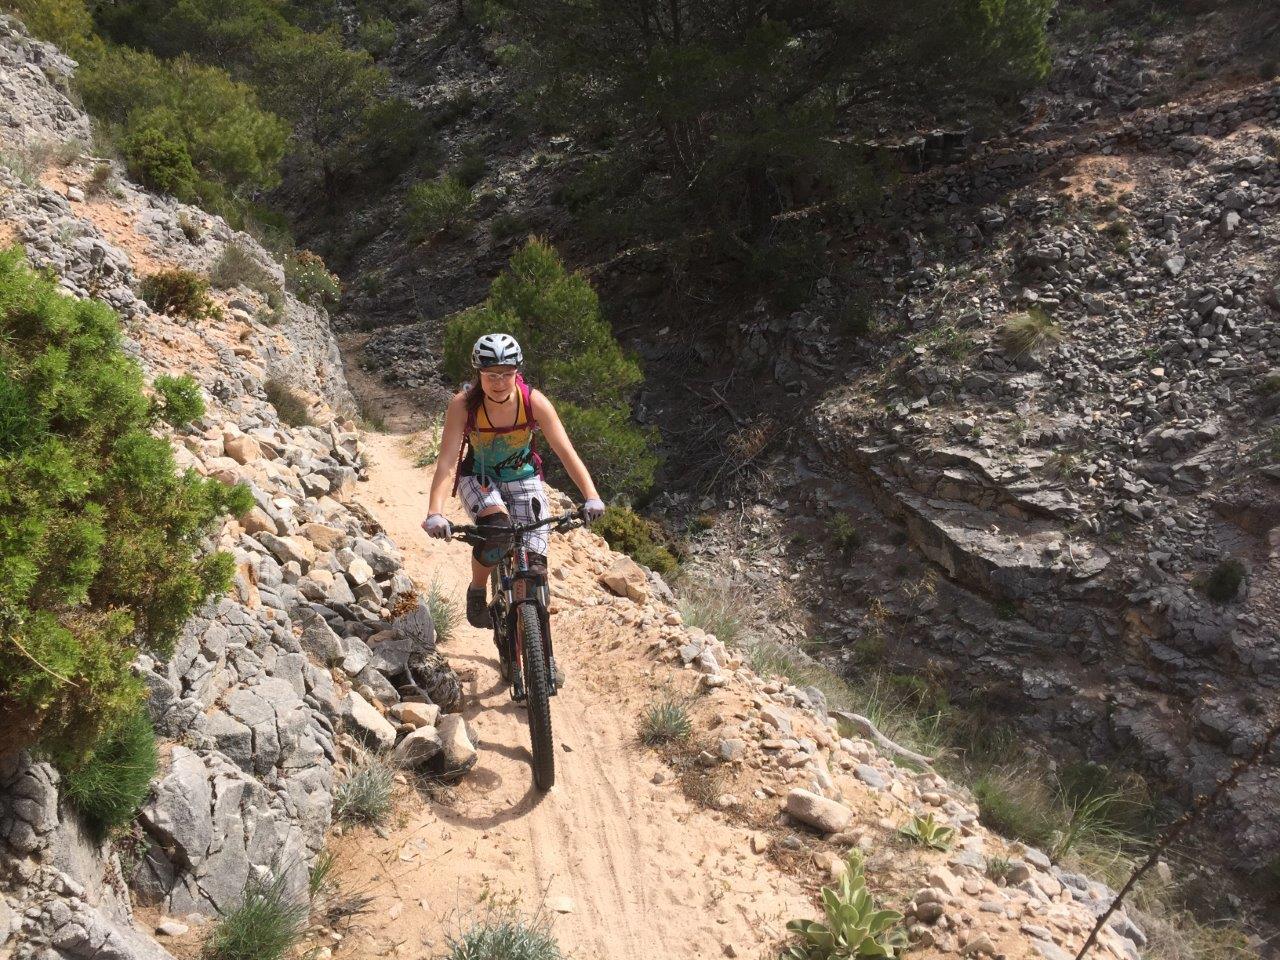 Sierra MTB - April week 3 (5)